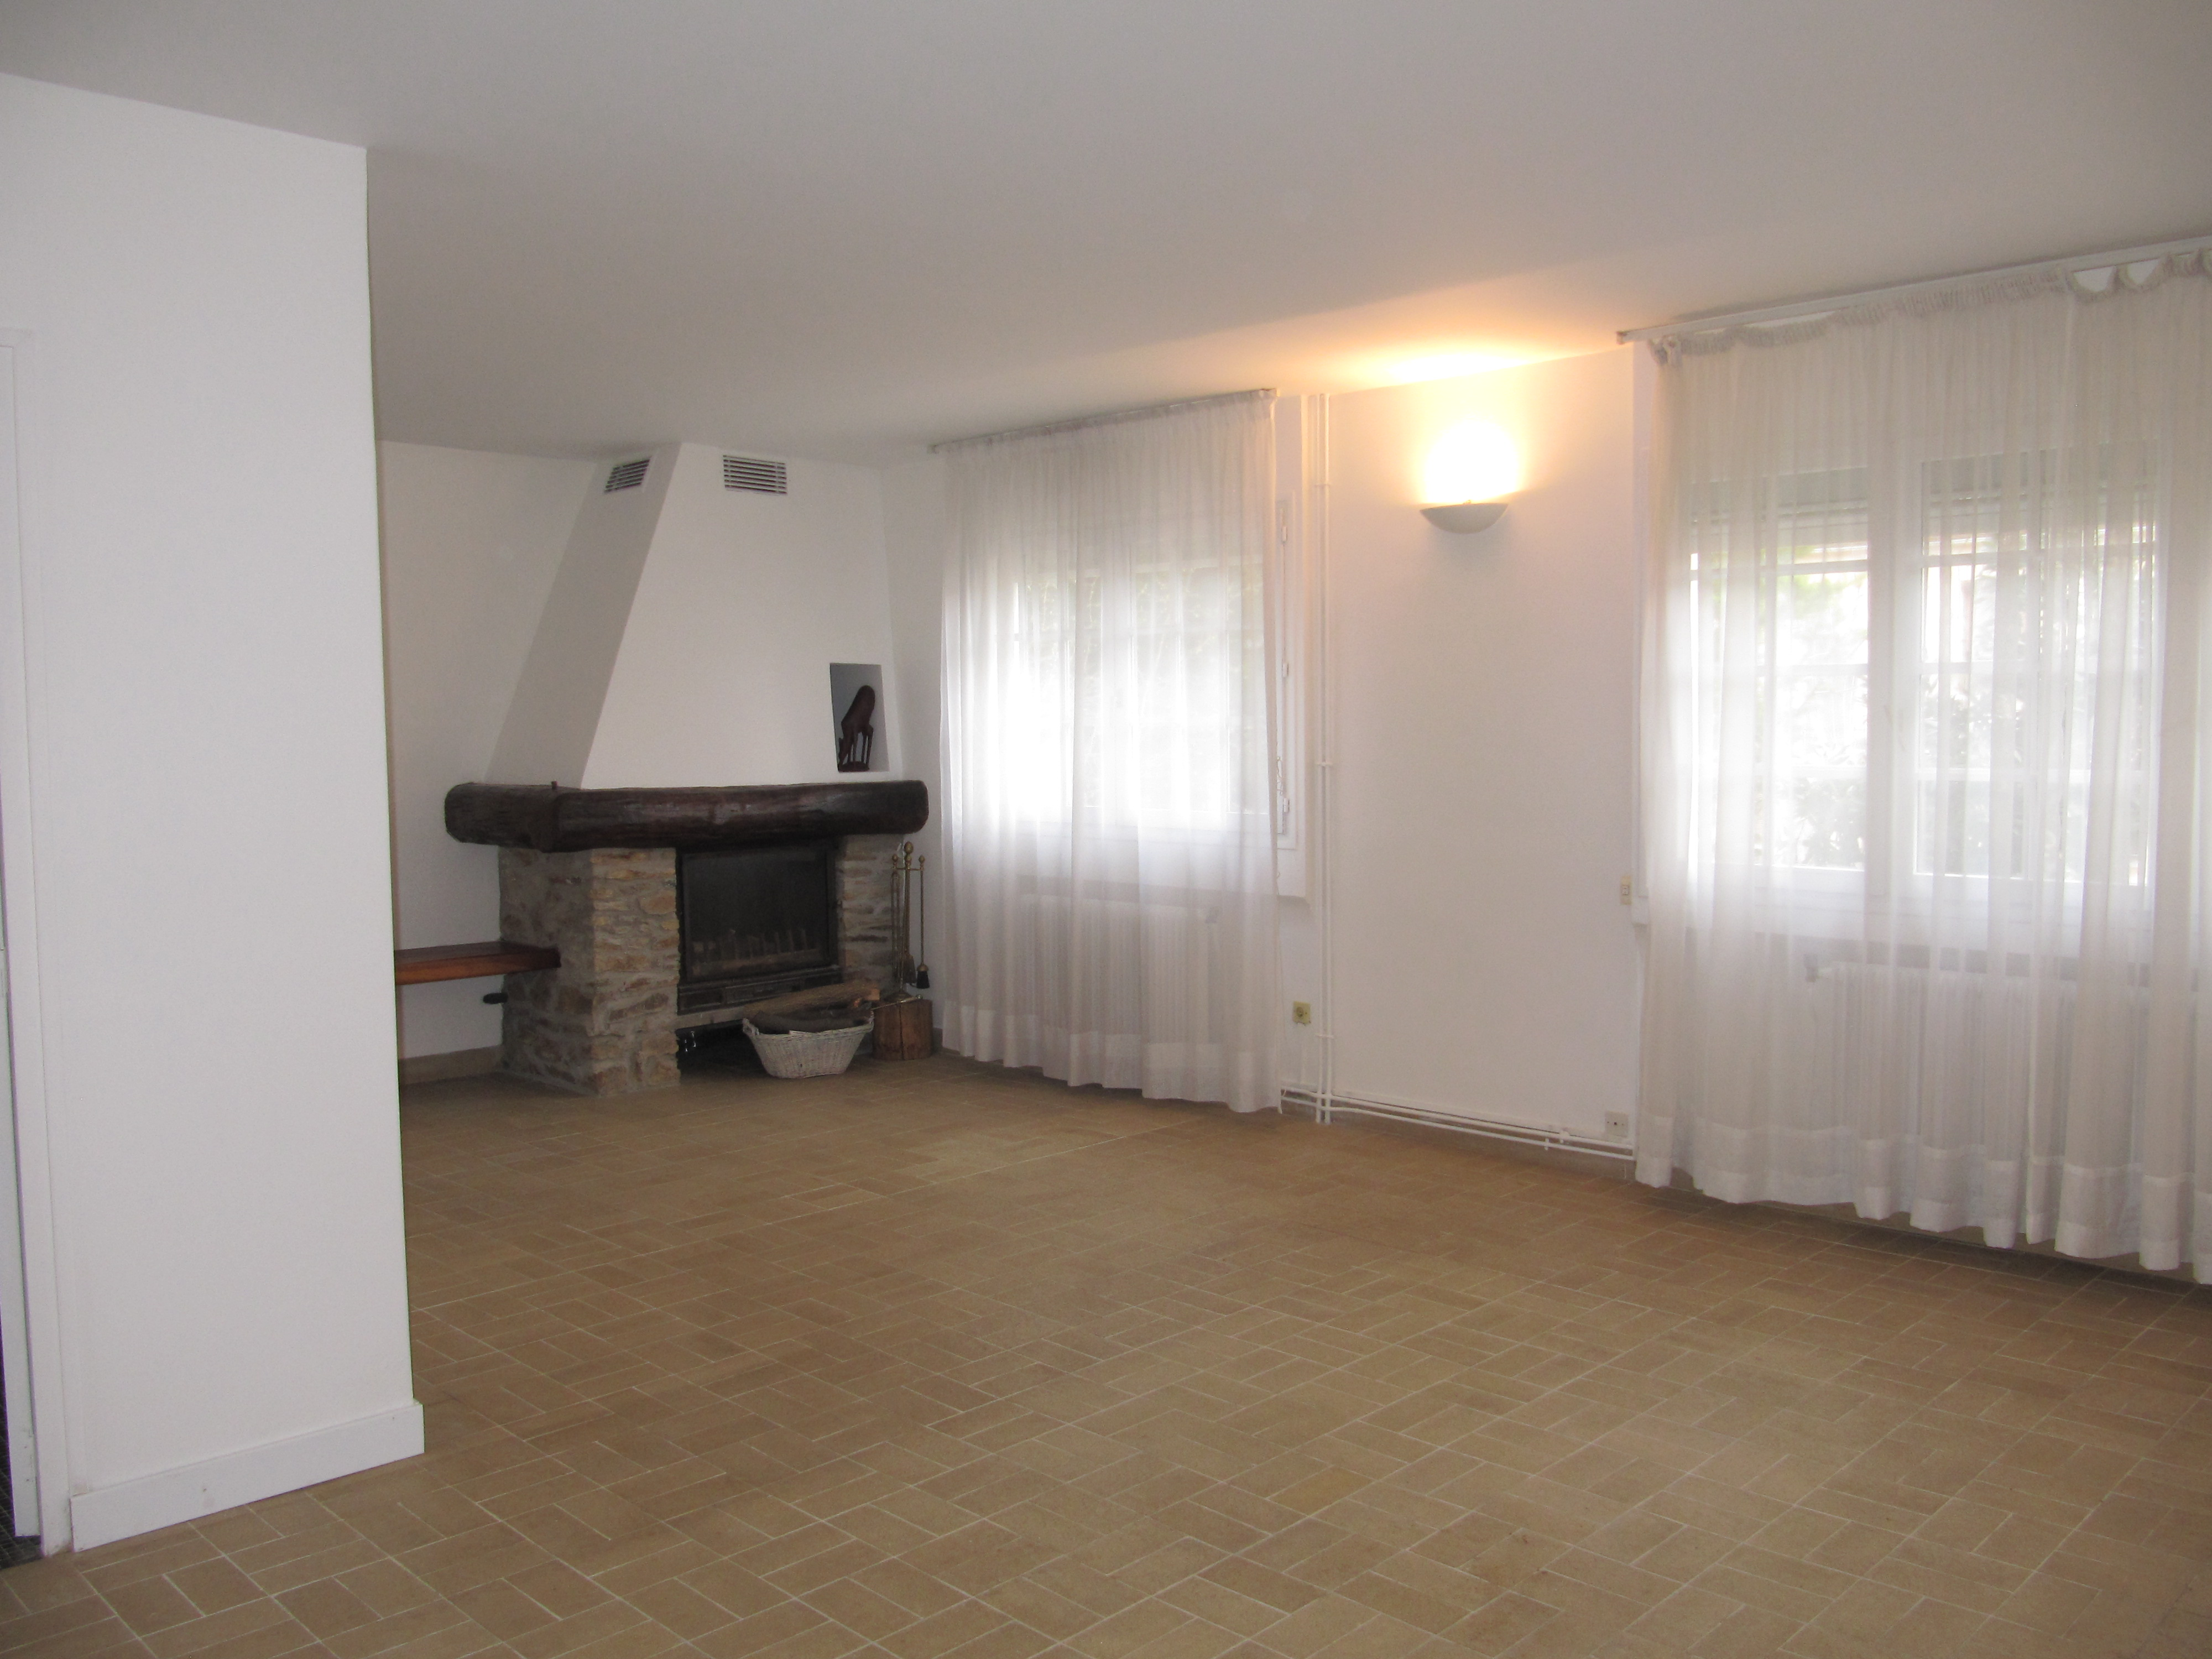 Maison de 180 m² habitables à vendre à Vitry-sur-Seine (94400)